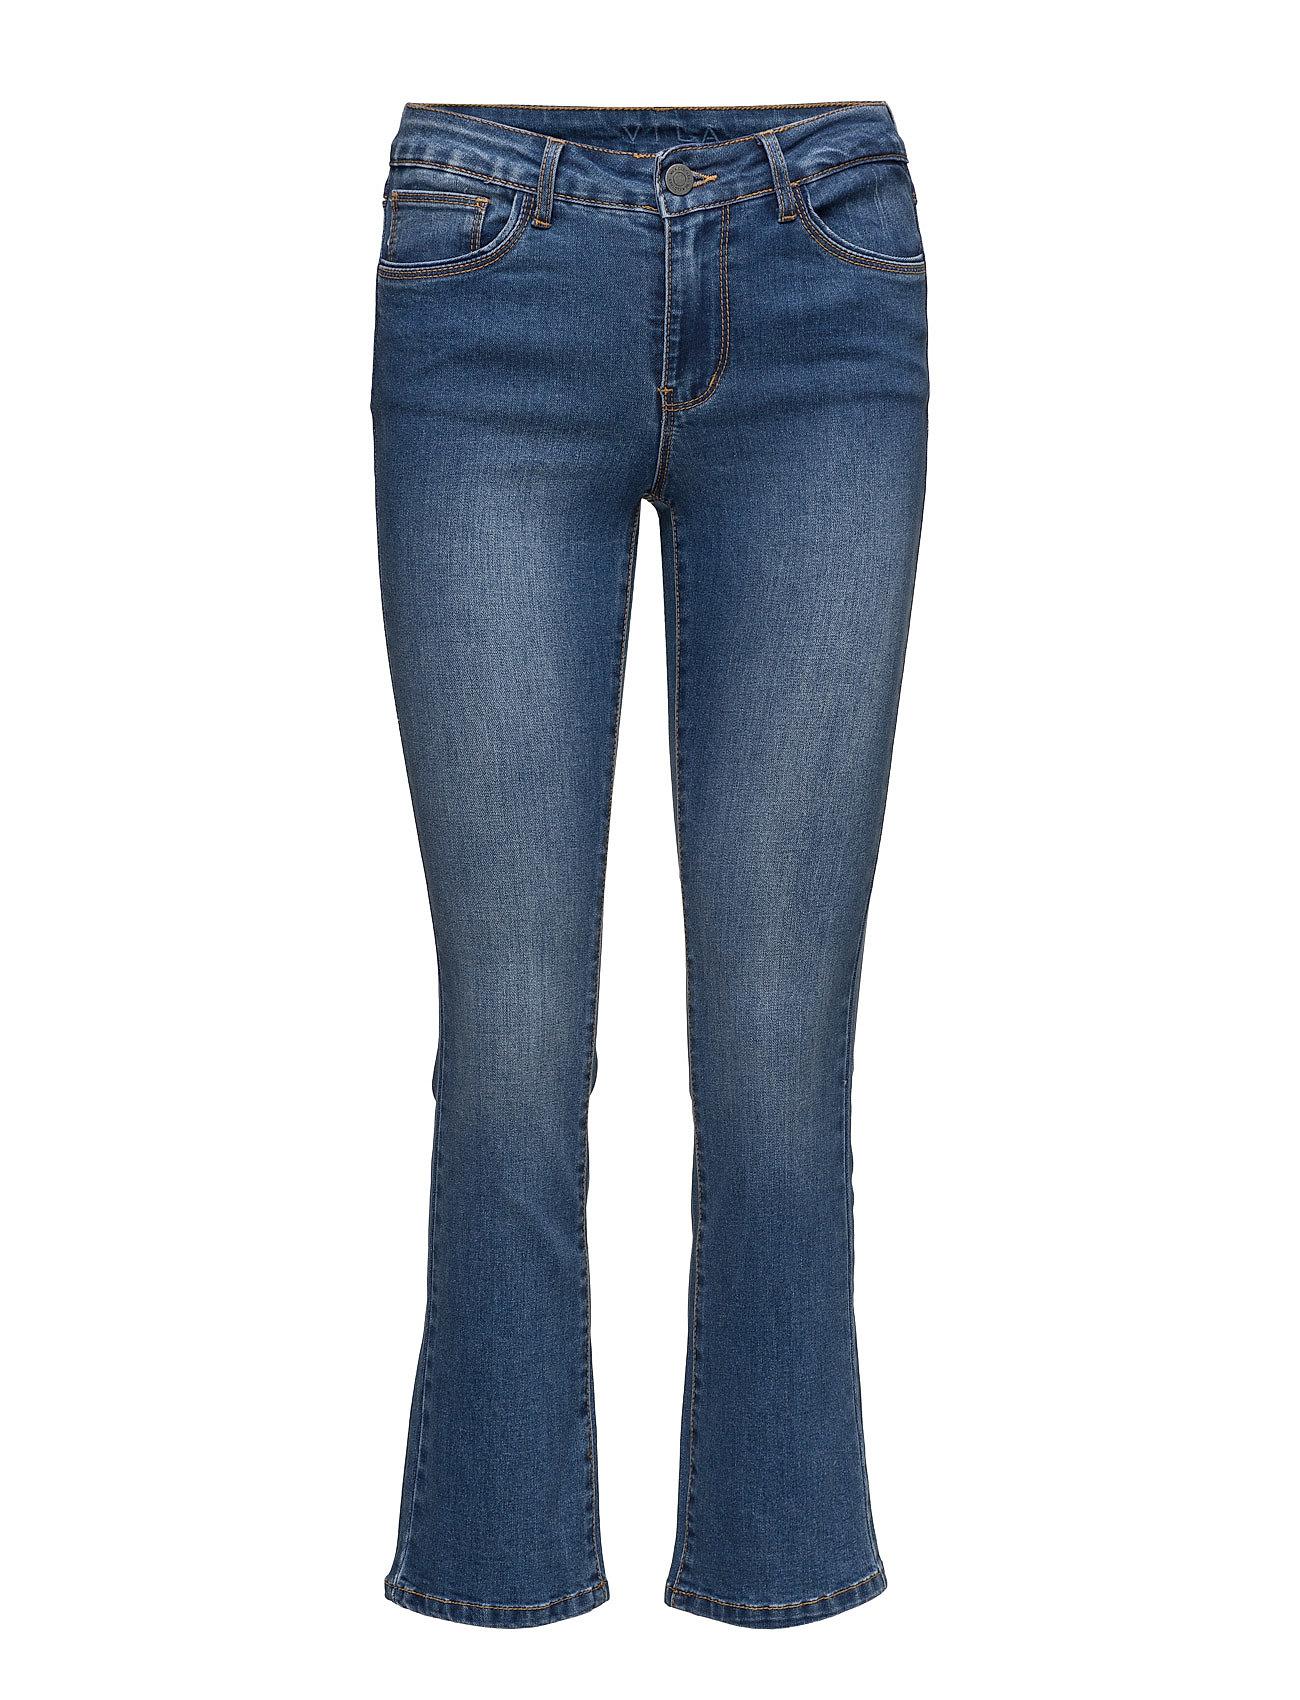 Vibarcher Rw 5p Microflared Jeans Vila Jeans til Kvinder i